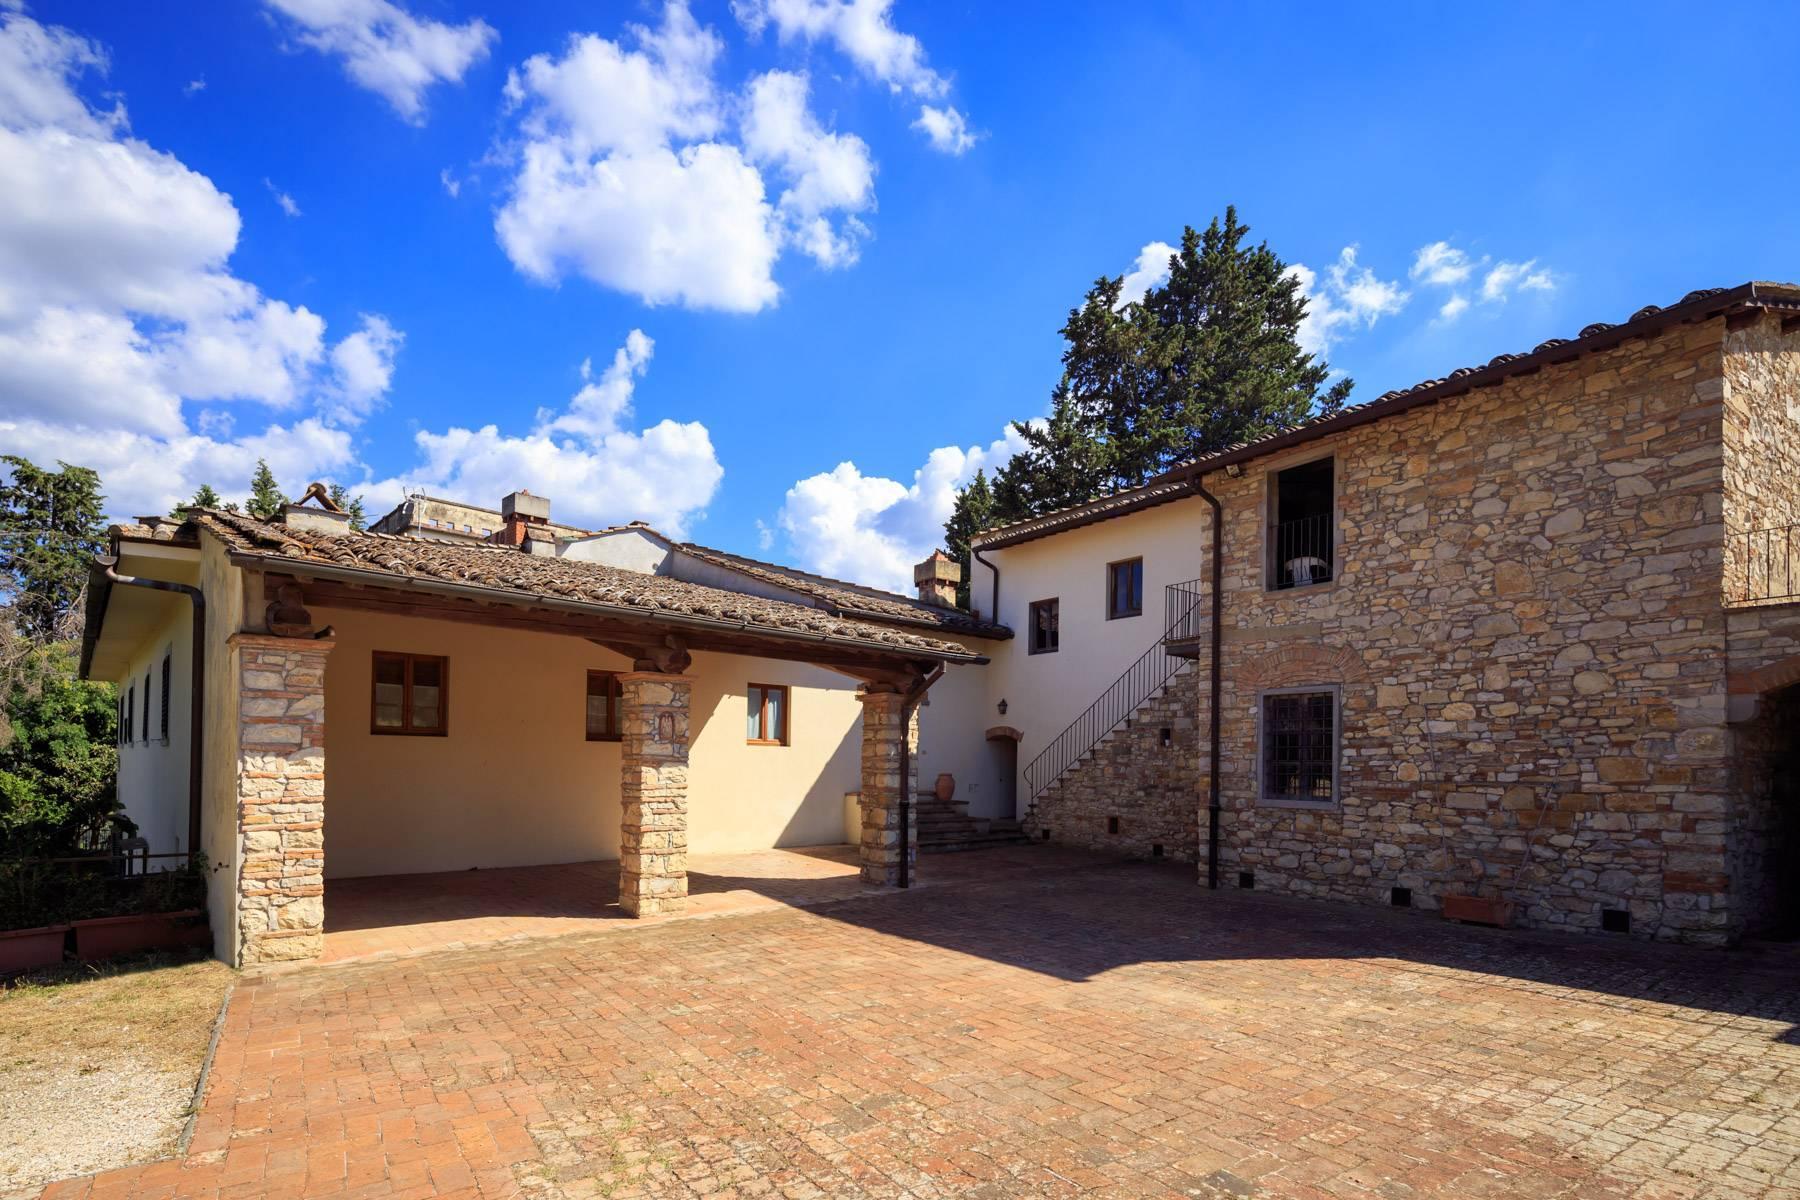 Grande villa antica con oliveto a 10 minuti da Firenze - 17